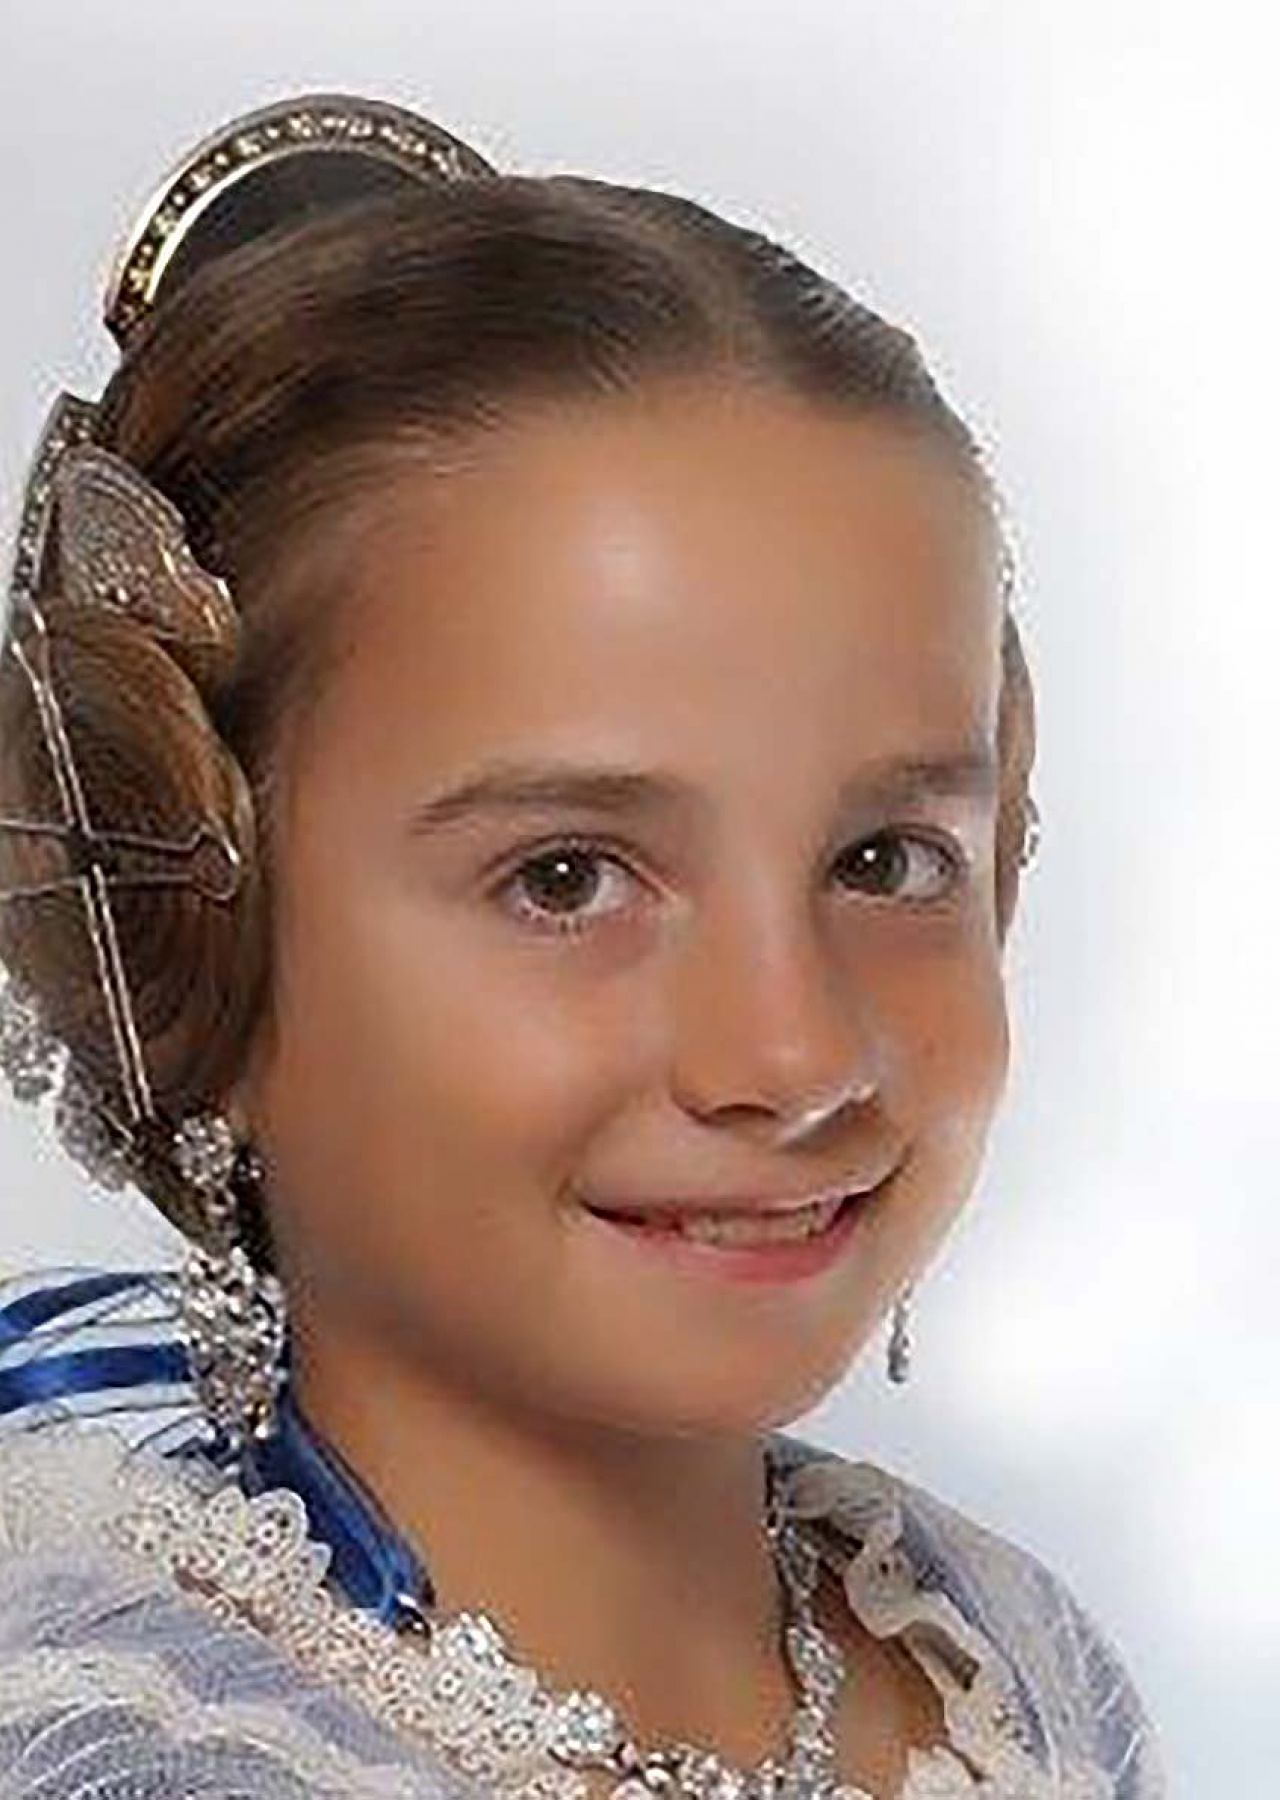 Aitana Ferrer Albelda